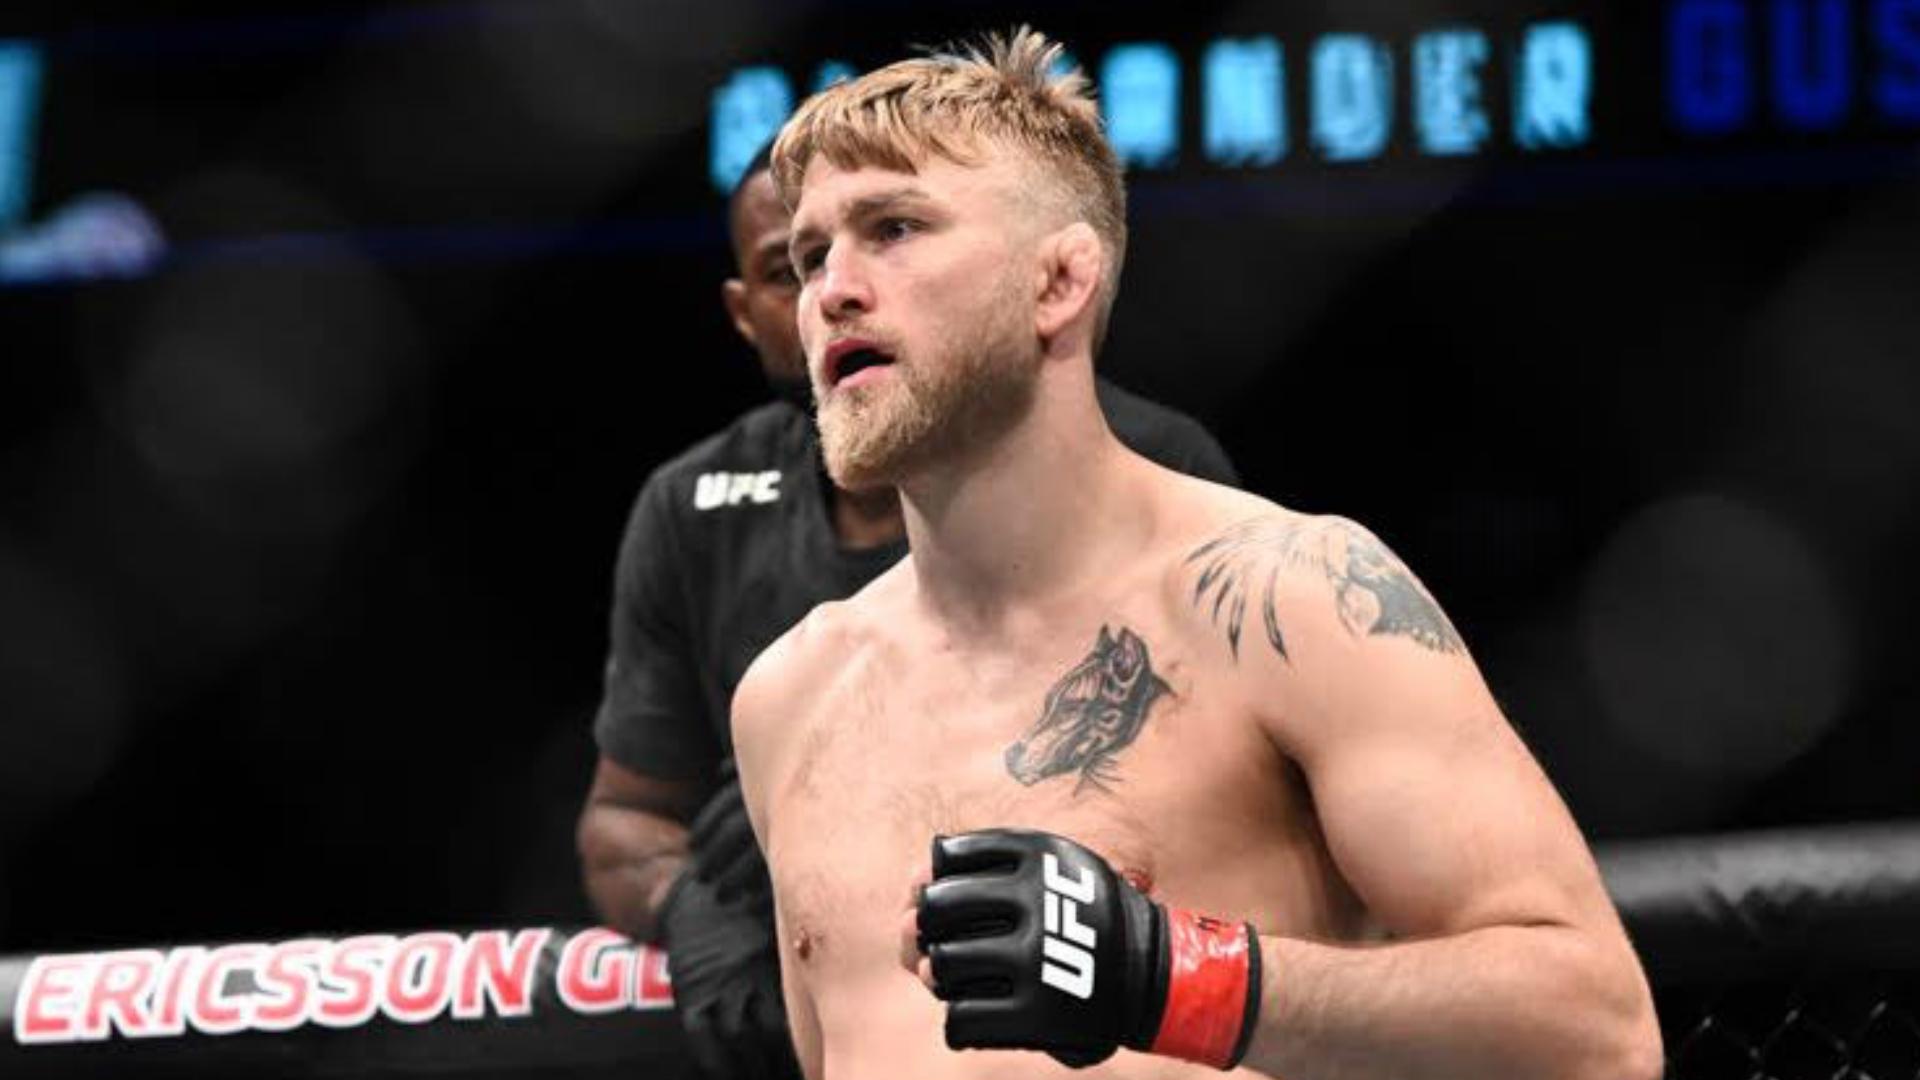 Alexander Gustafsson The Mauler UFC MMA Frontkick Online